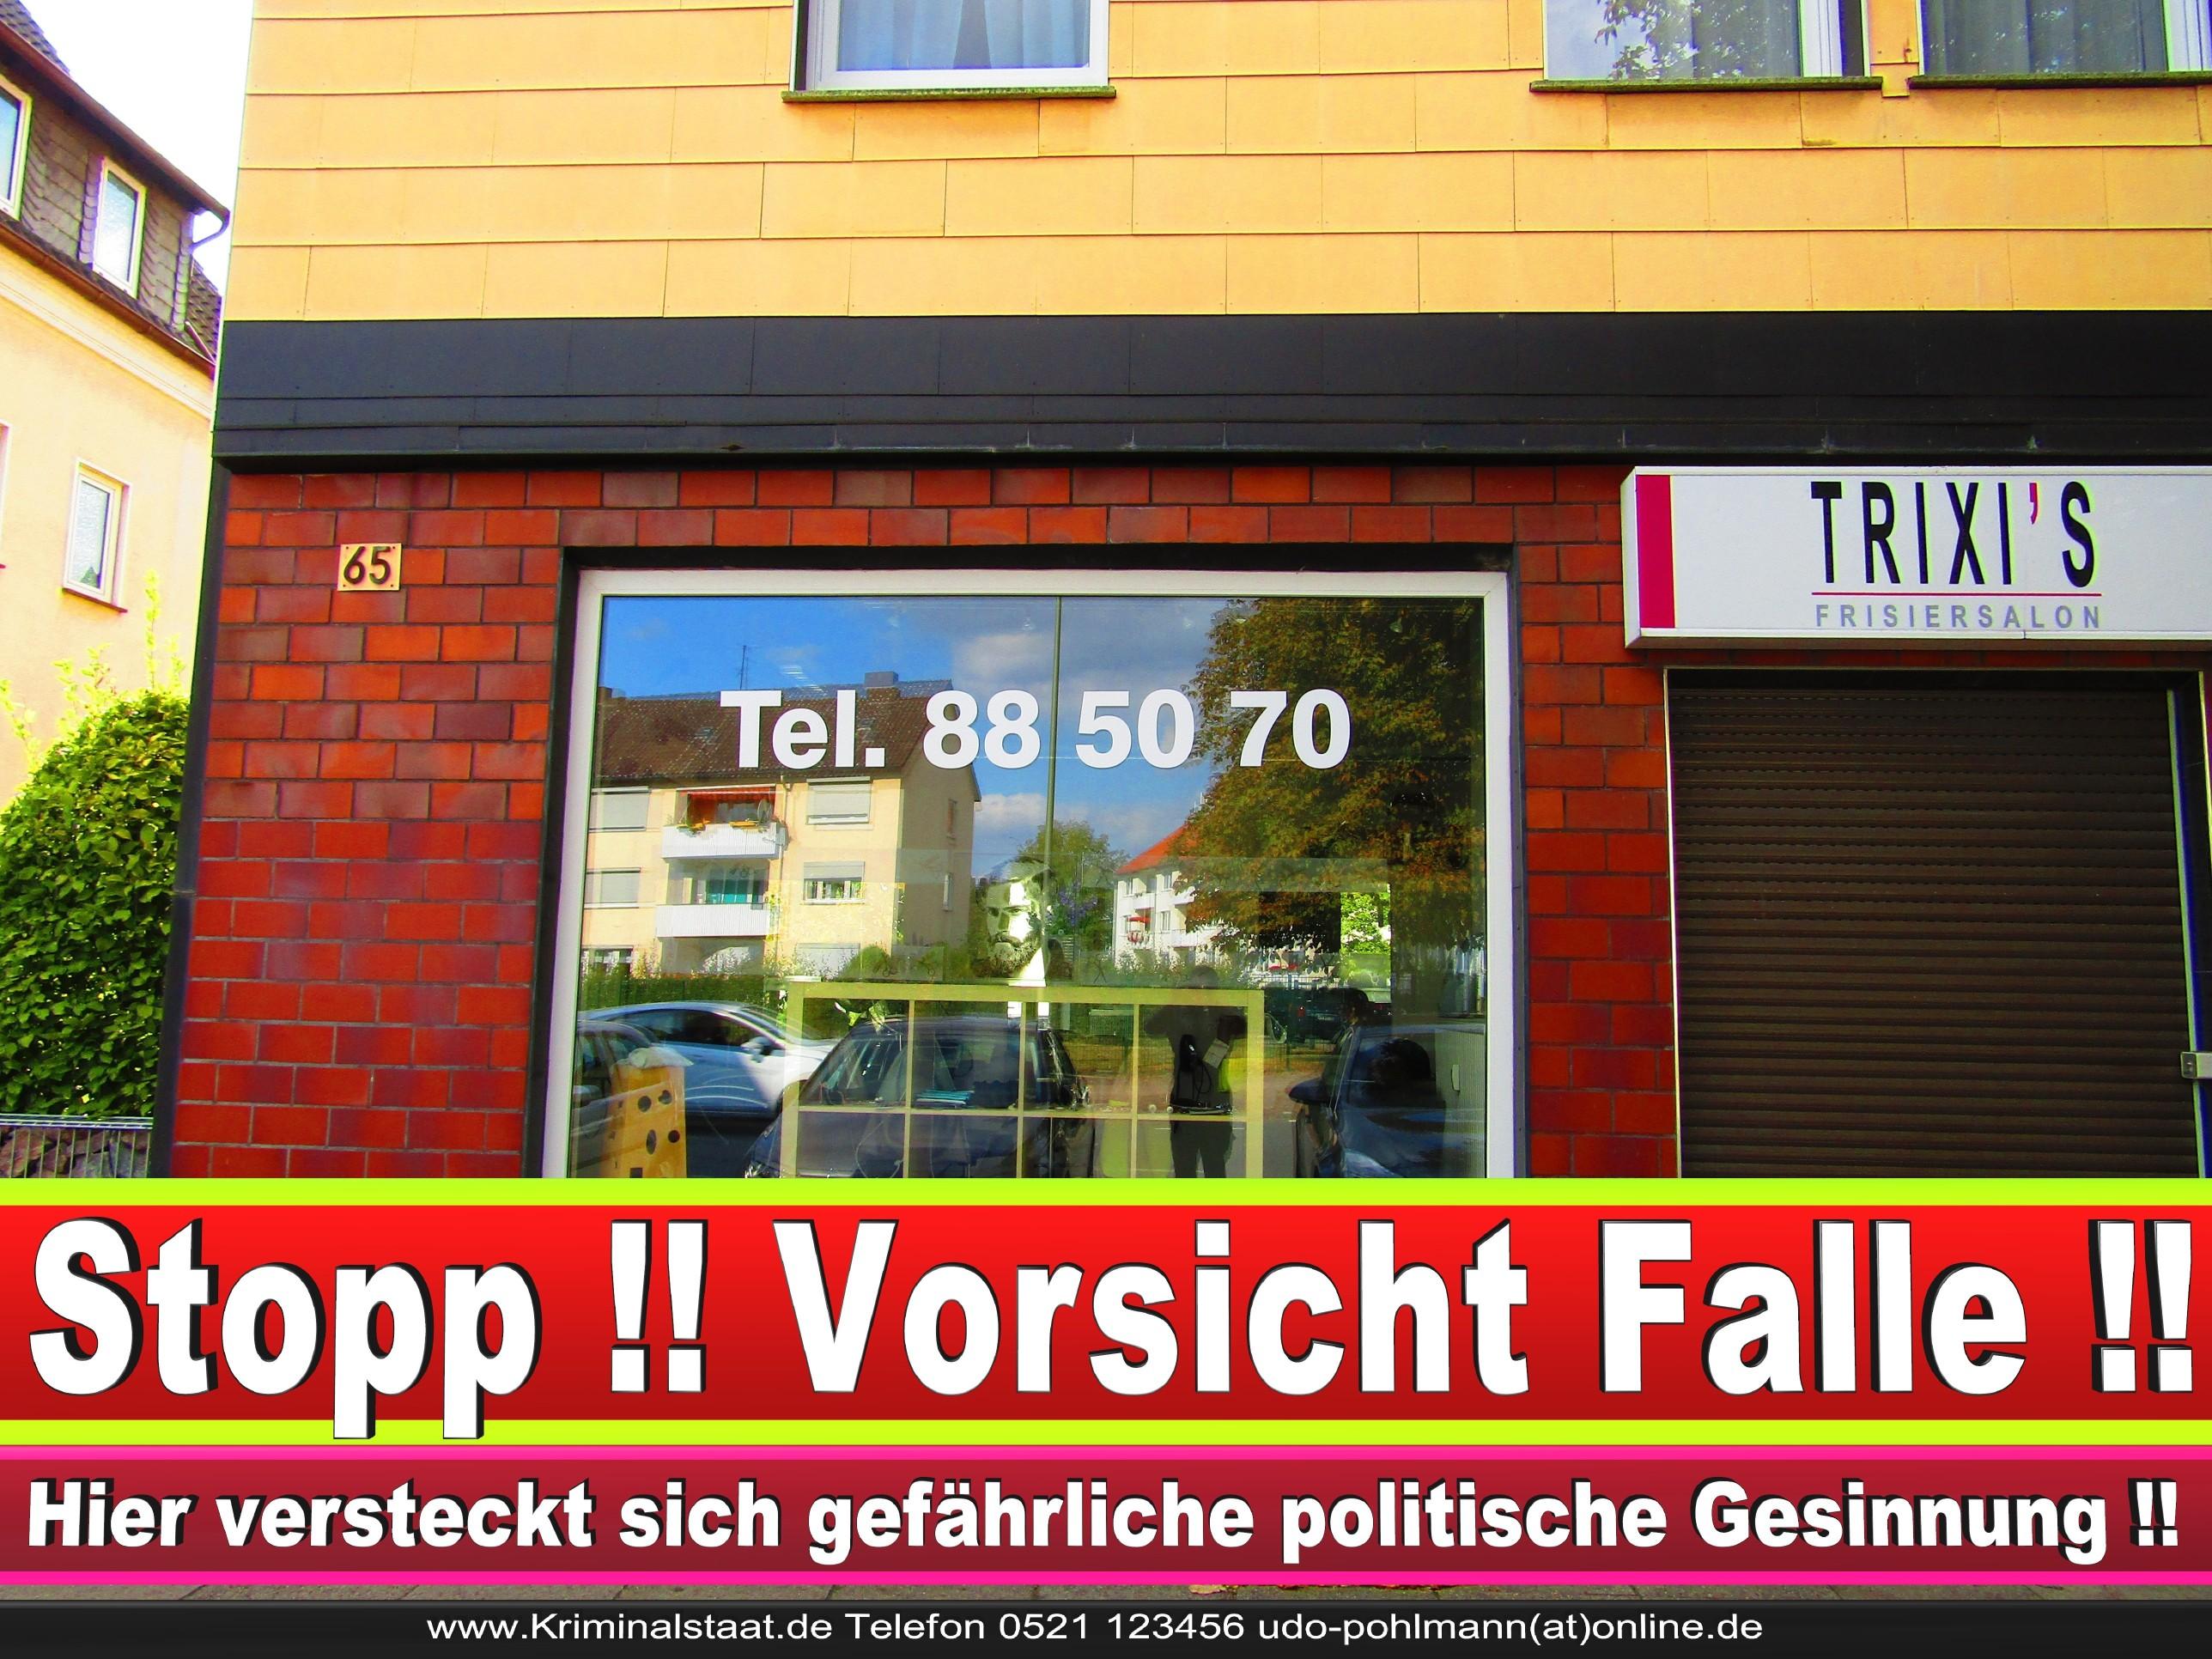 PATRICIA WEHMEYER TRIXI CDU BIELEFELD HAIRSALON FRISEUR 9 LANDTAGSWAHL BUNDESTAGSWAHL BÜRGERMEISTERWAHL